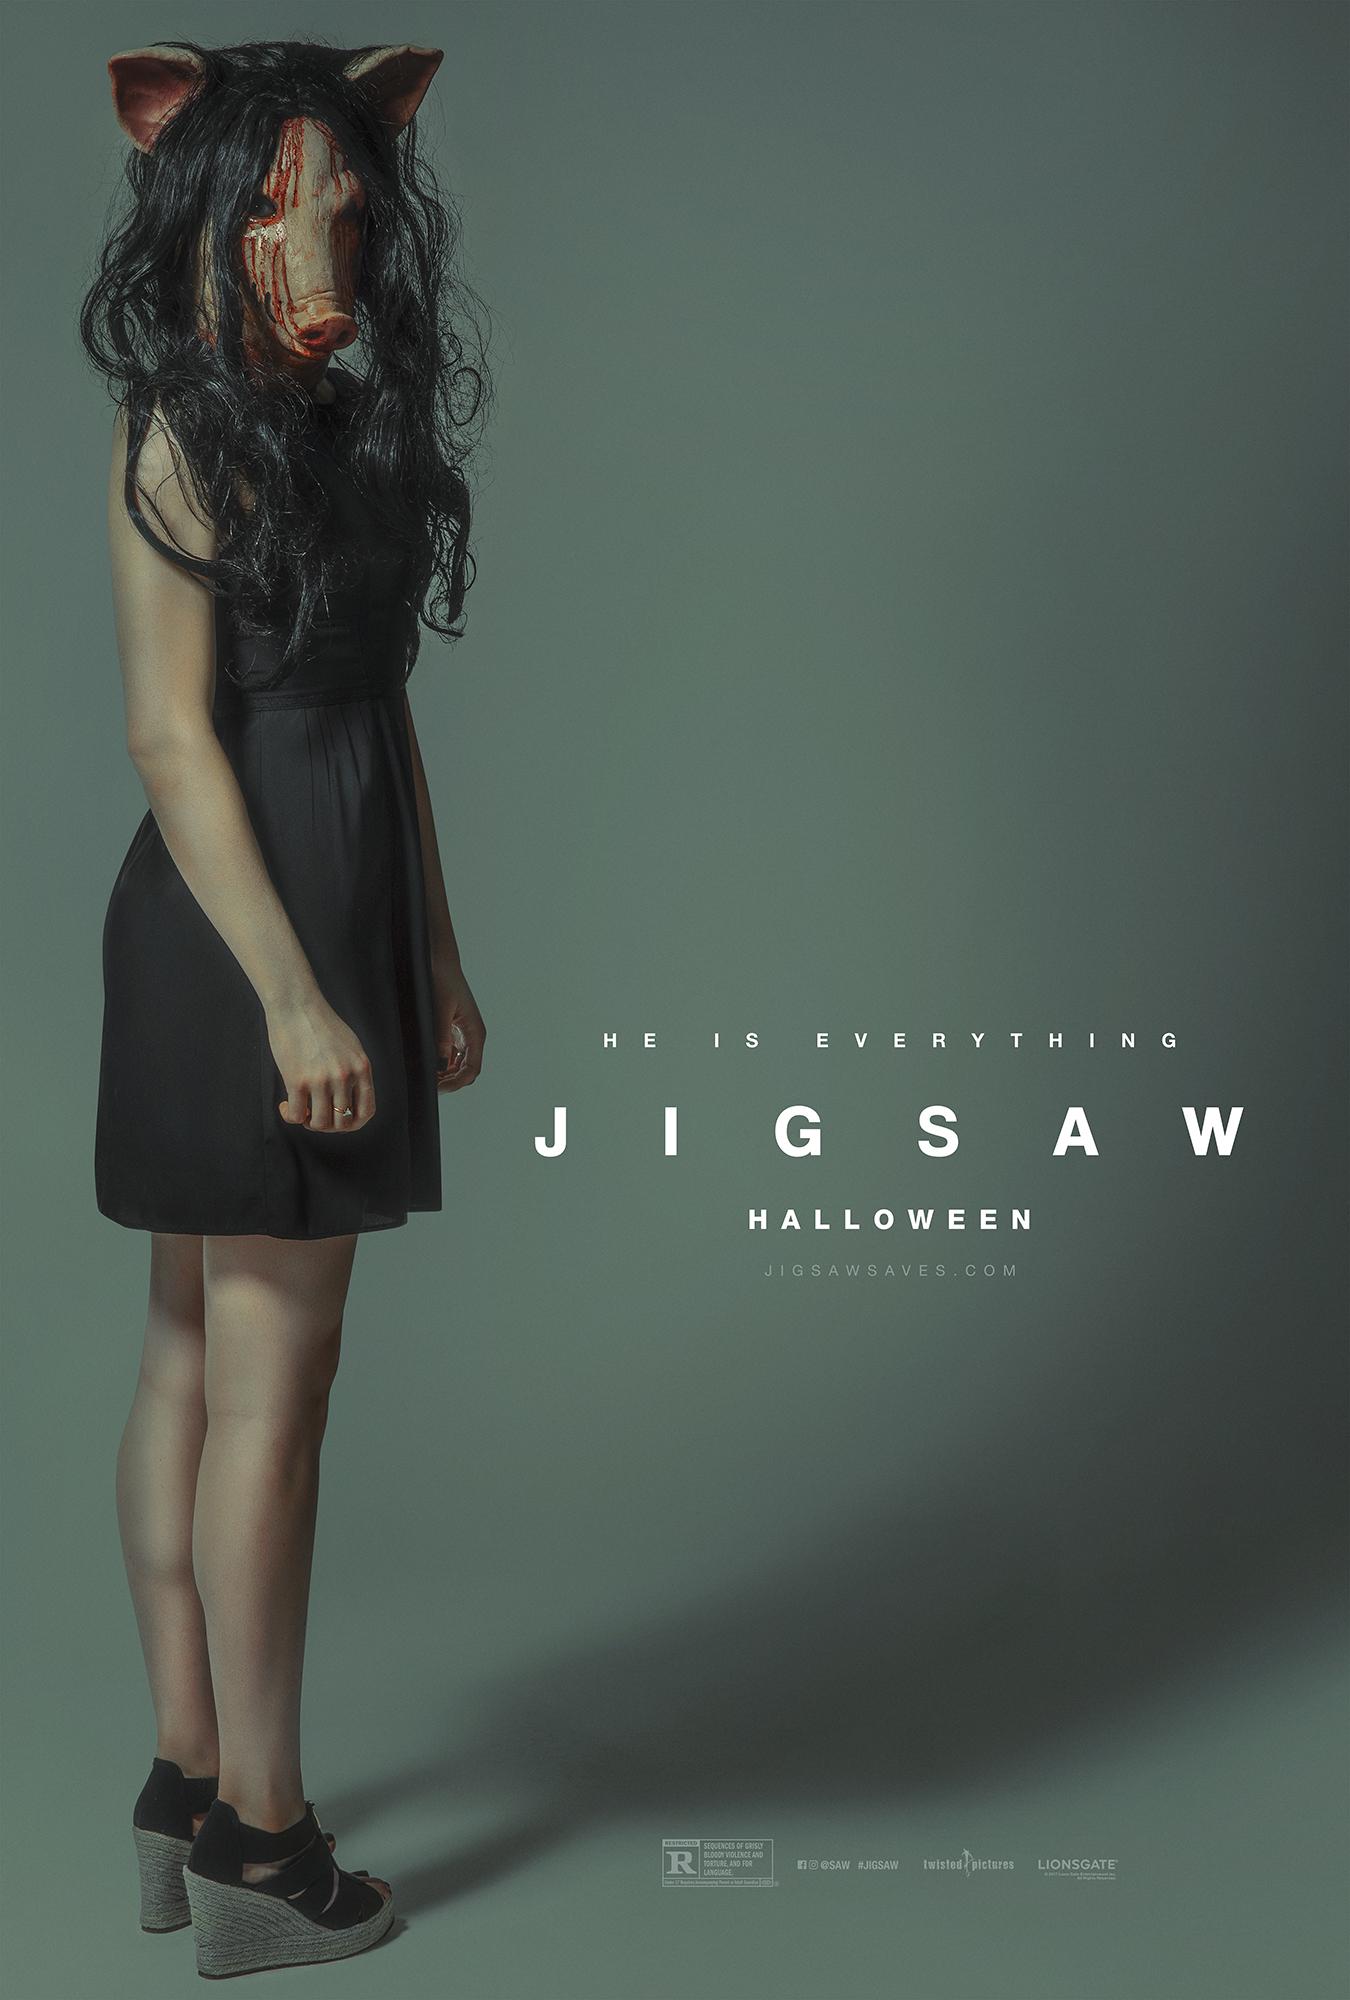 Jigsaw_1Sht_Online_Makenna_100dpi.jpg